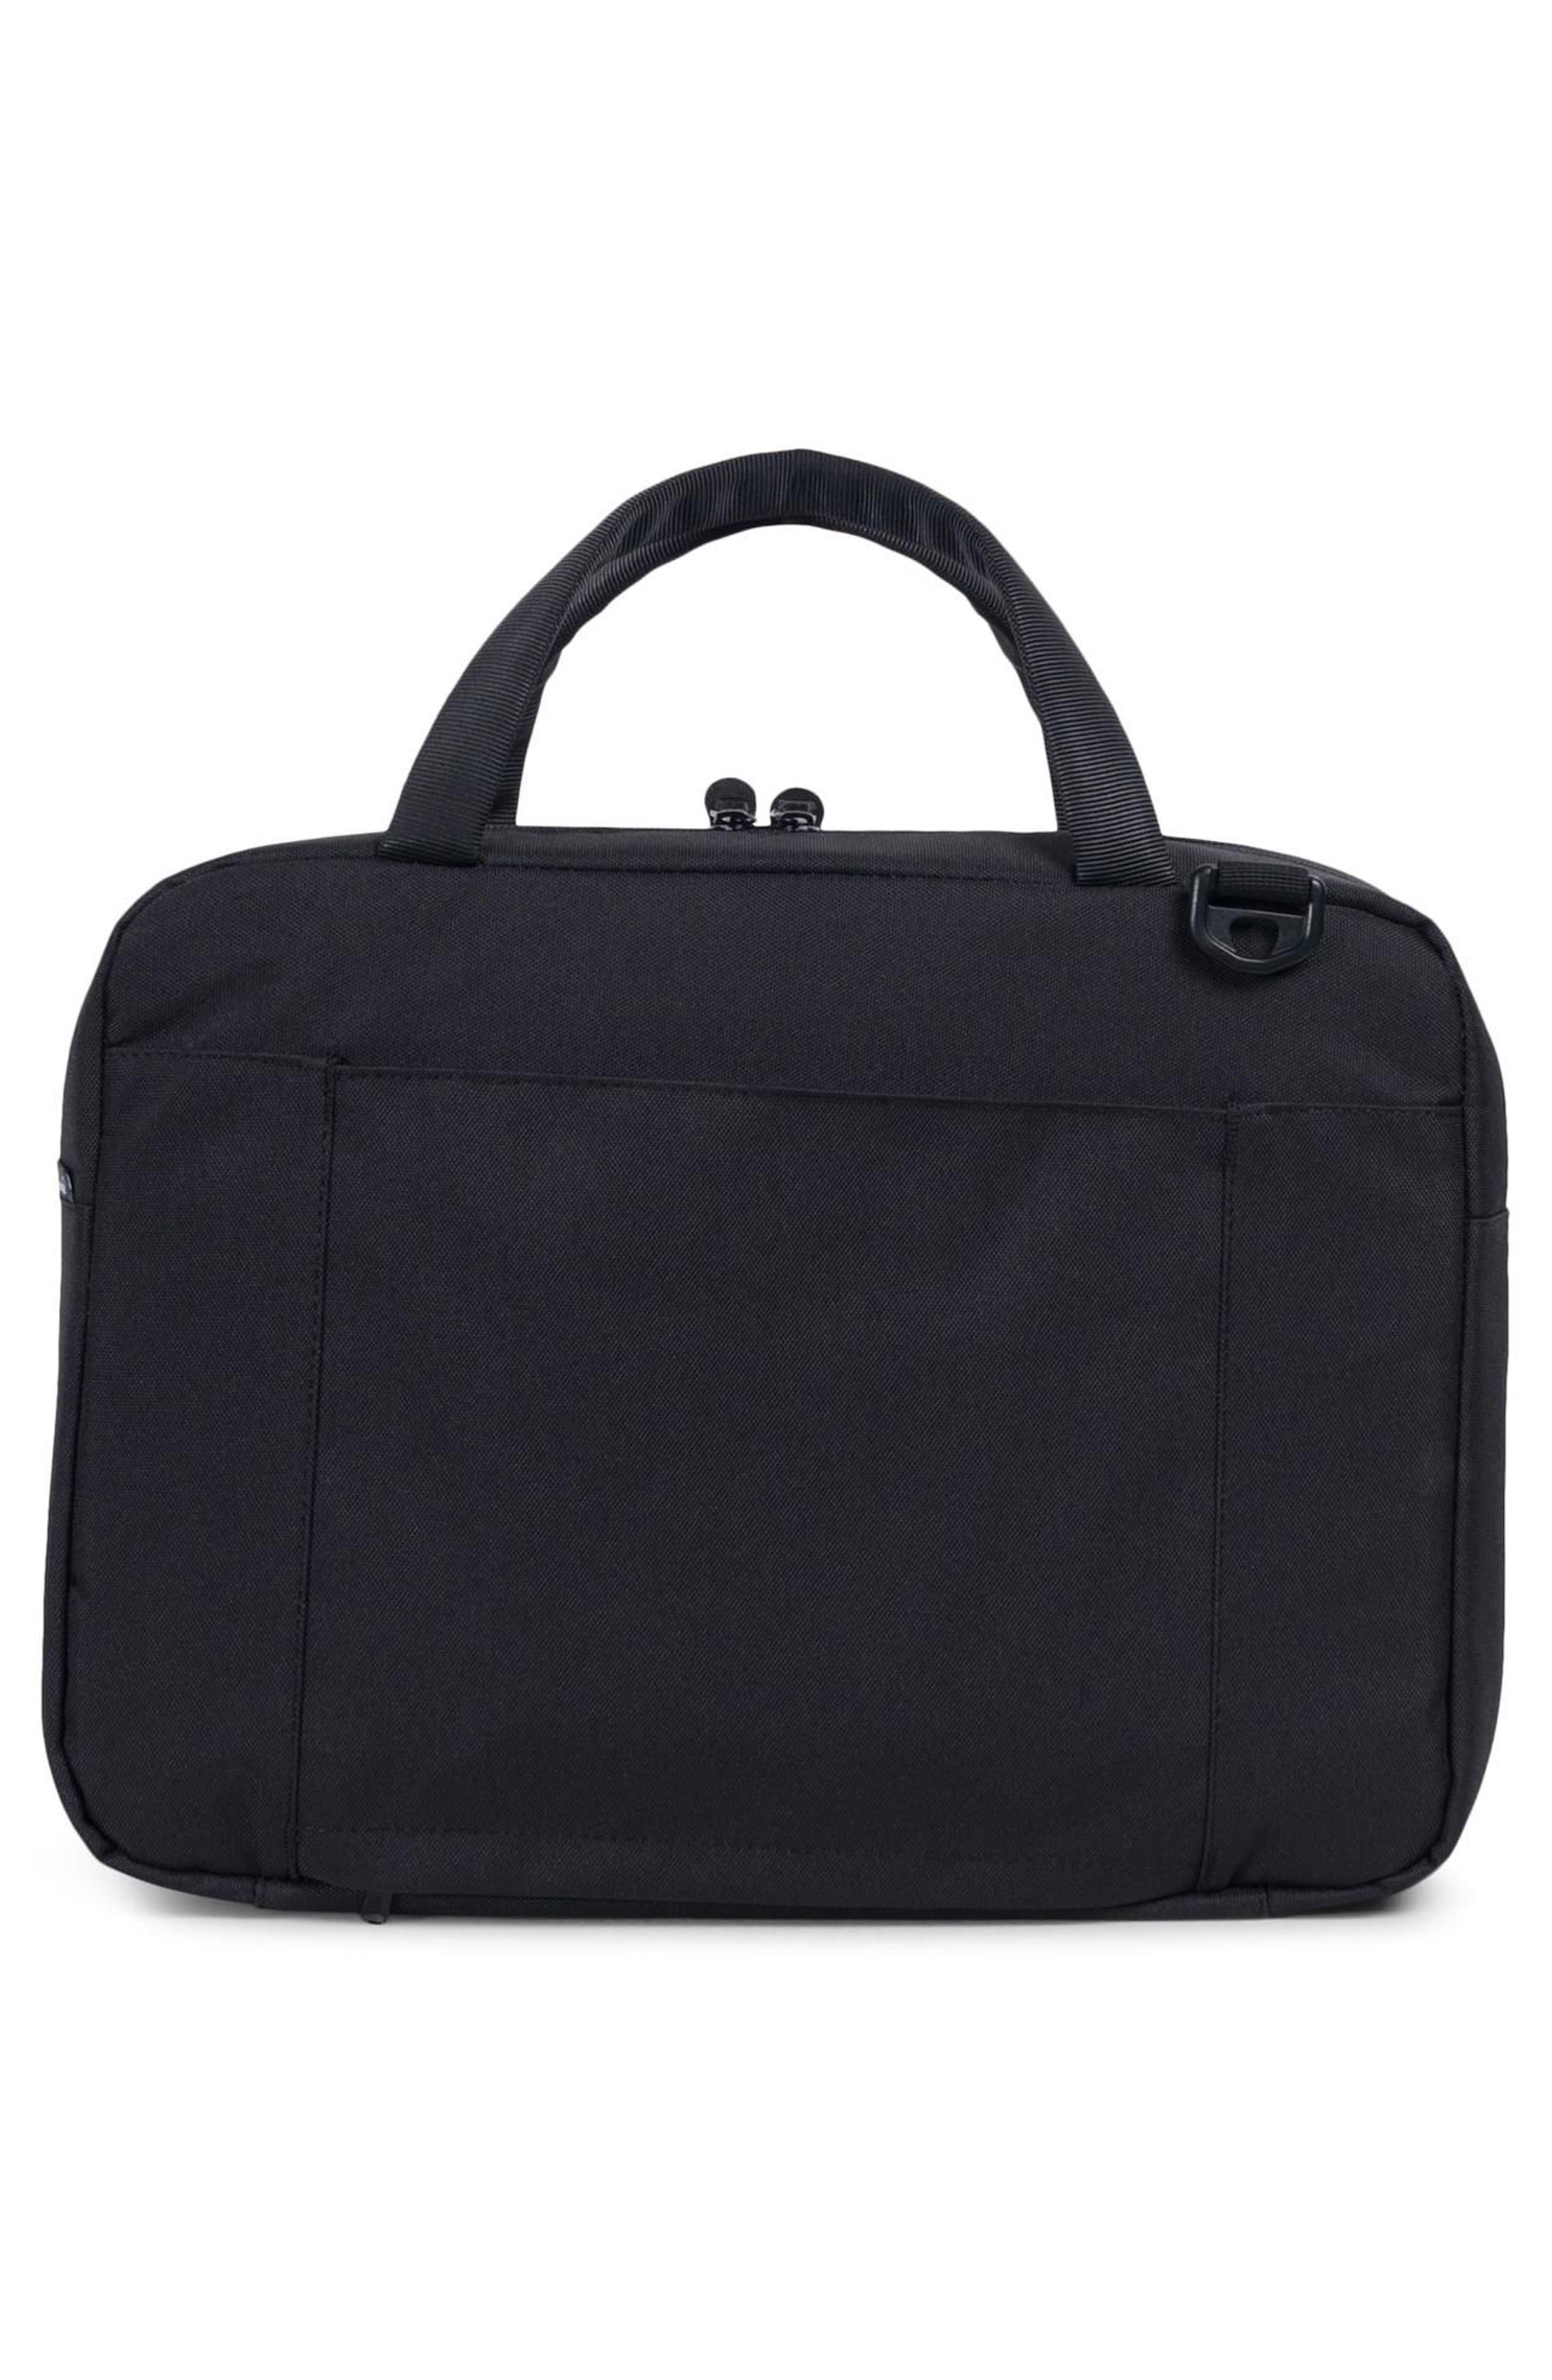 Gibson Messenger Bag,                             Alternate thumbnail 2, color,                             Black